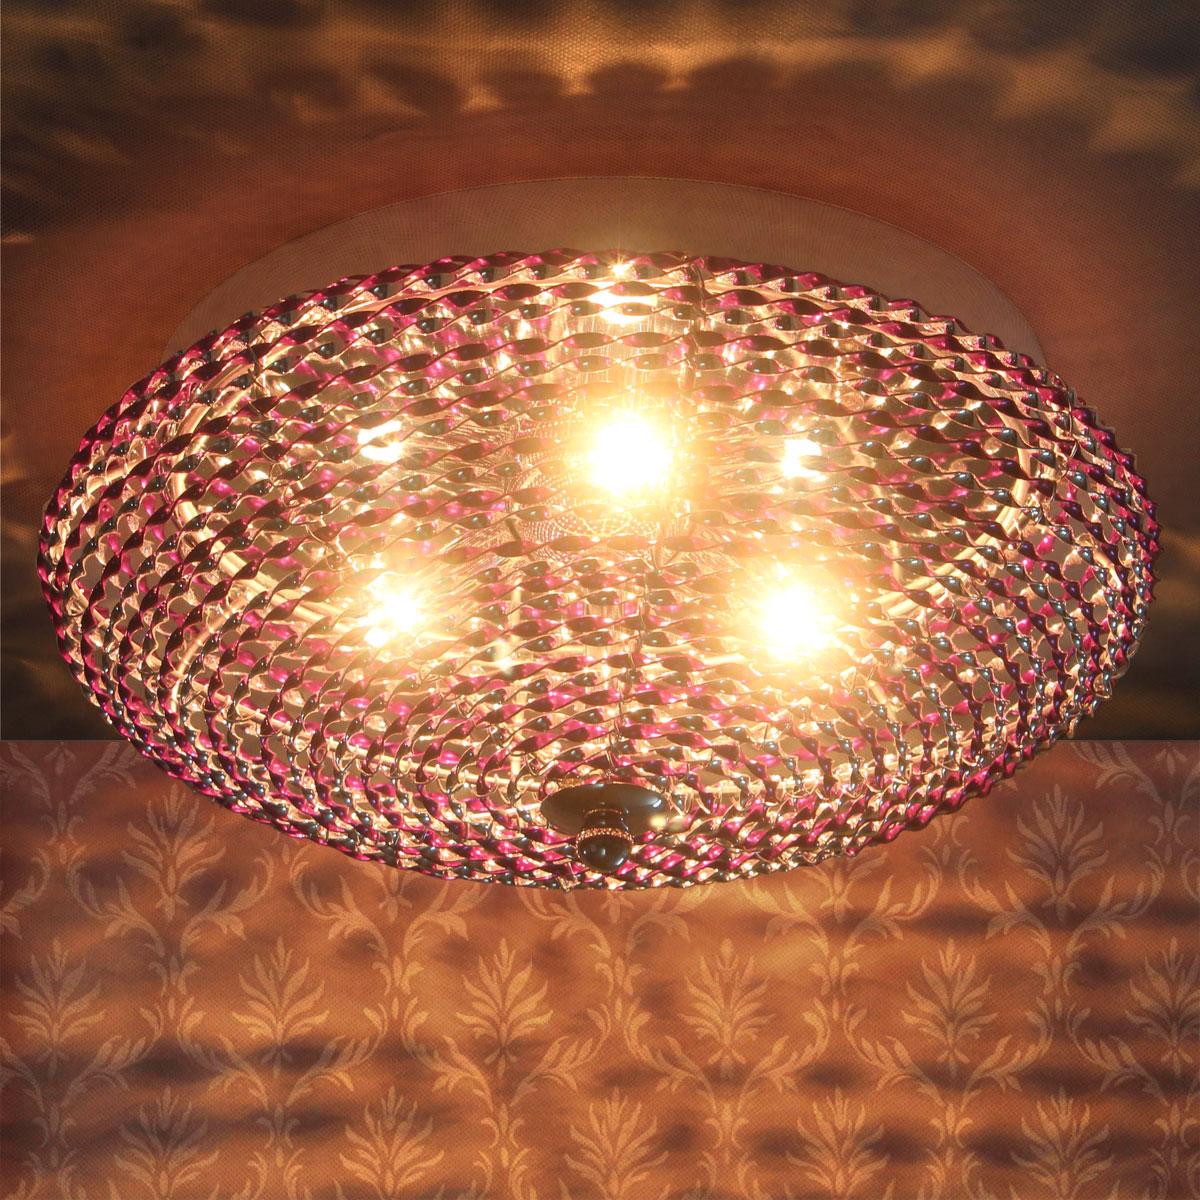 leuchte wohnzimmer | jtleigh - hausgestaltung ideen